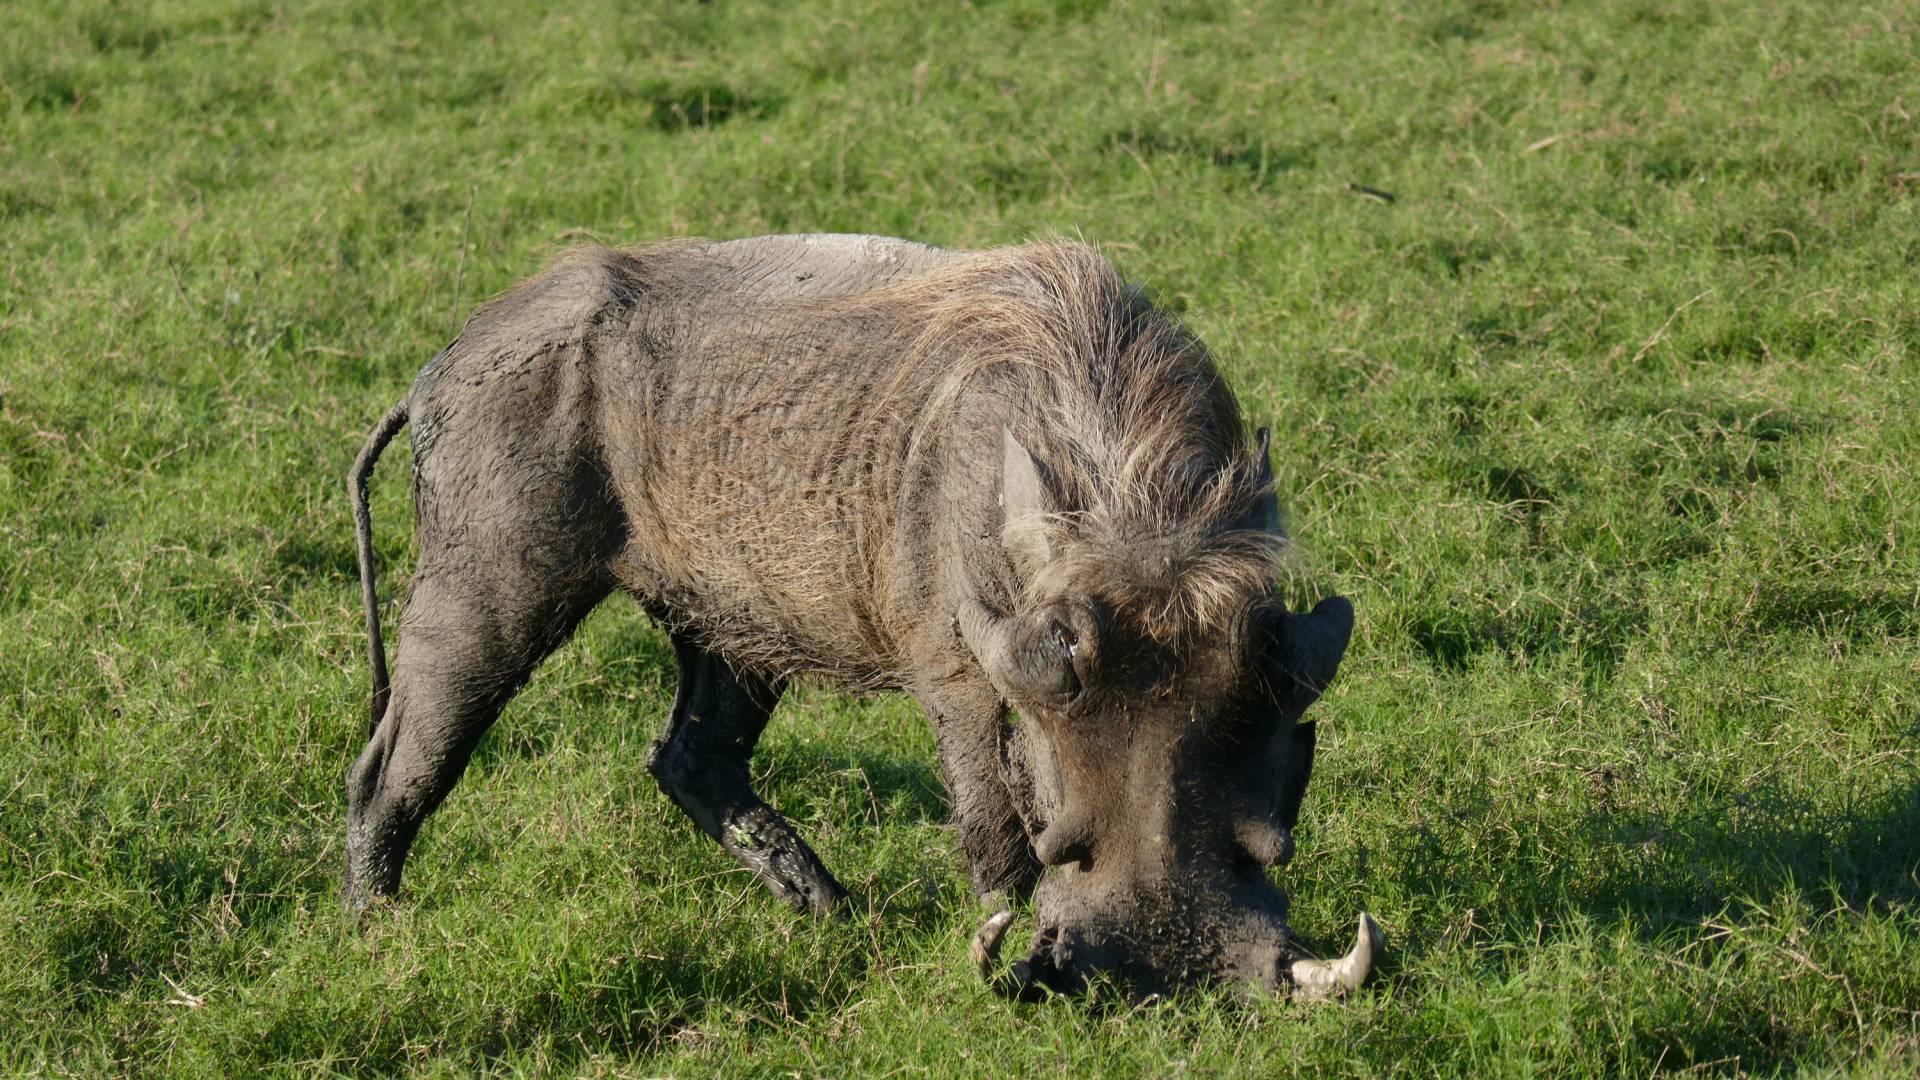 Geriatric warthog